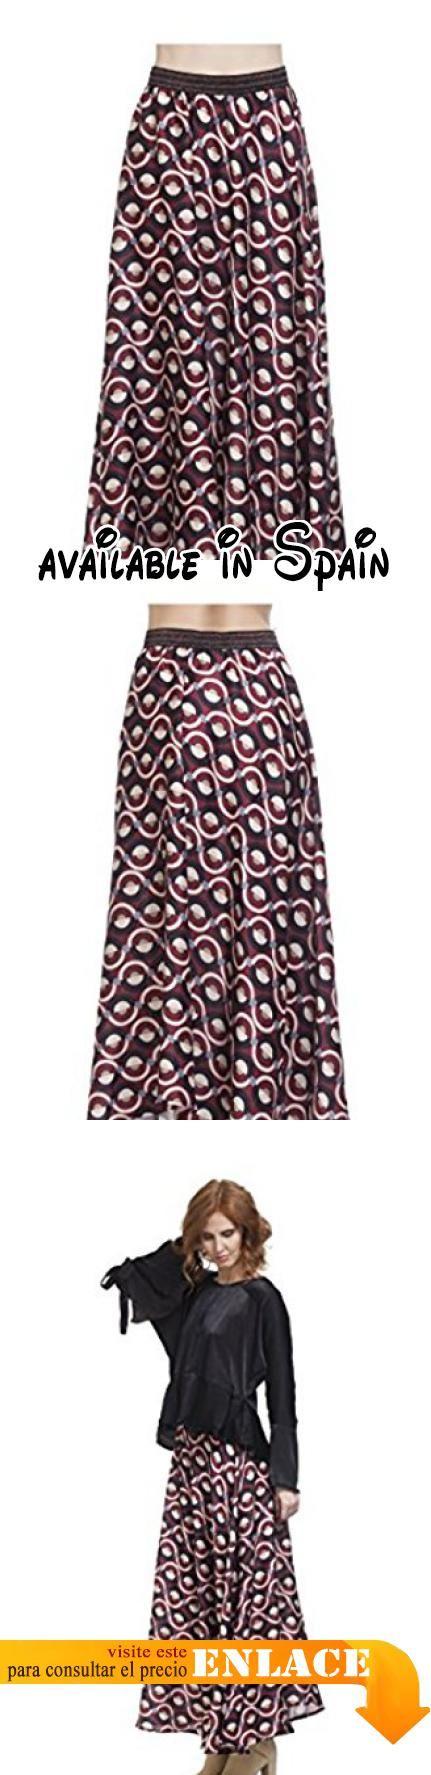 B076HBHVXN : TANTRA - Falda ROMINA - Mujer - UNICO - Rojo. Falda larga estampada. Con elástico en la cintura. Efecto asimétrico. Acabado con solapa. Longitud 120cm